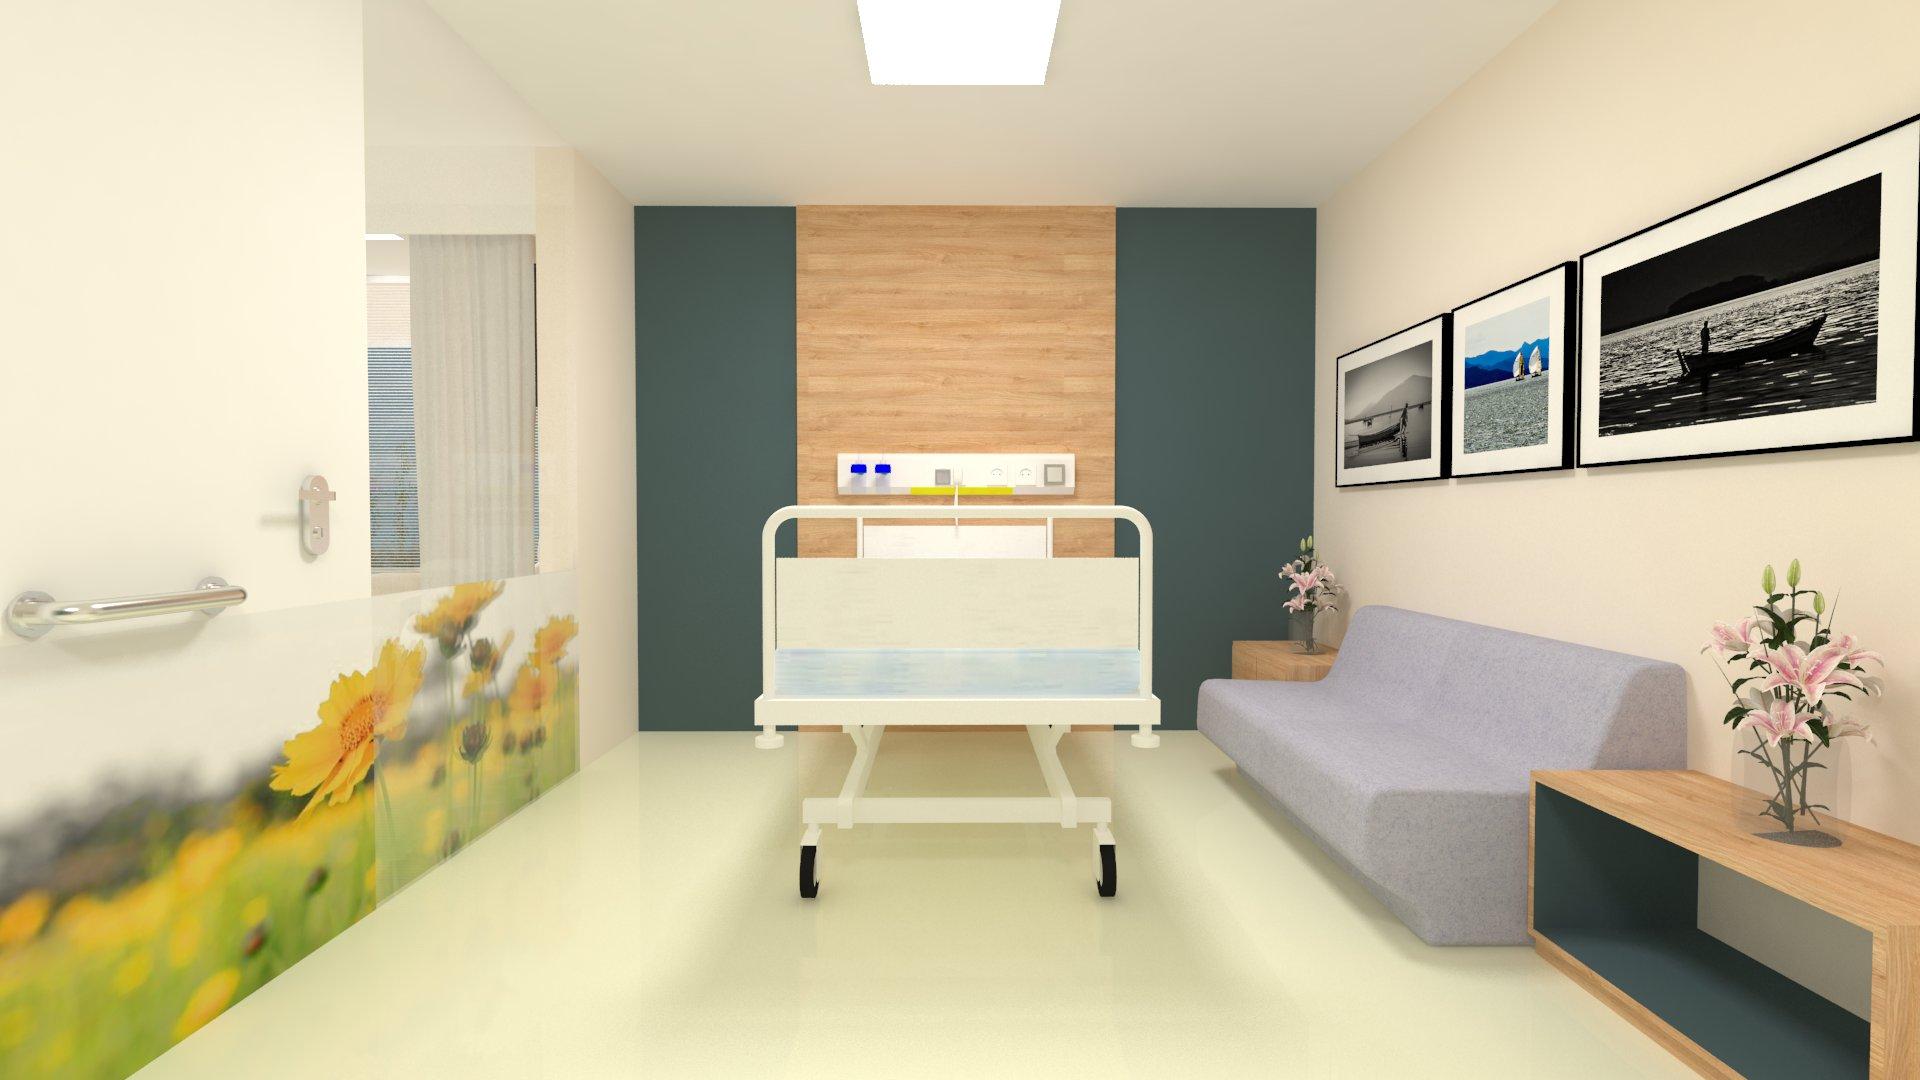 Estudo para ambientação de quarto